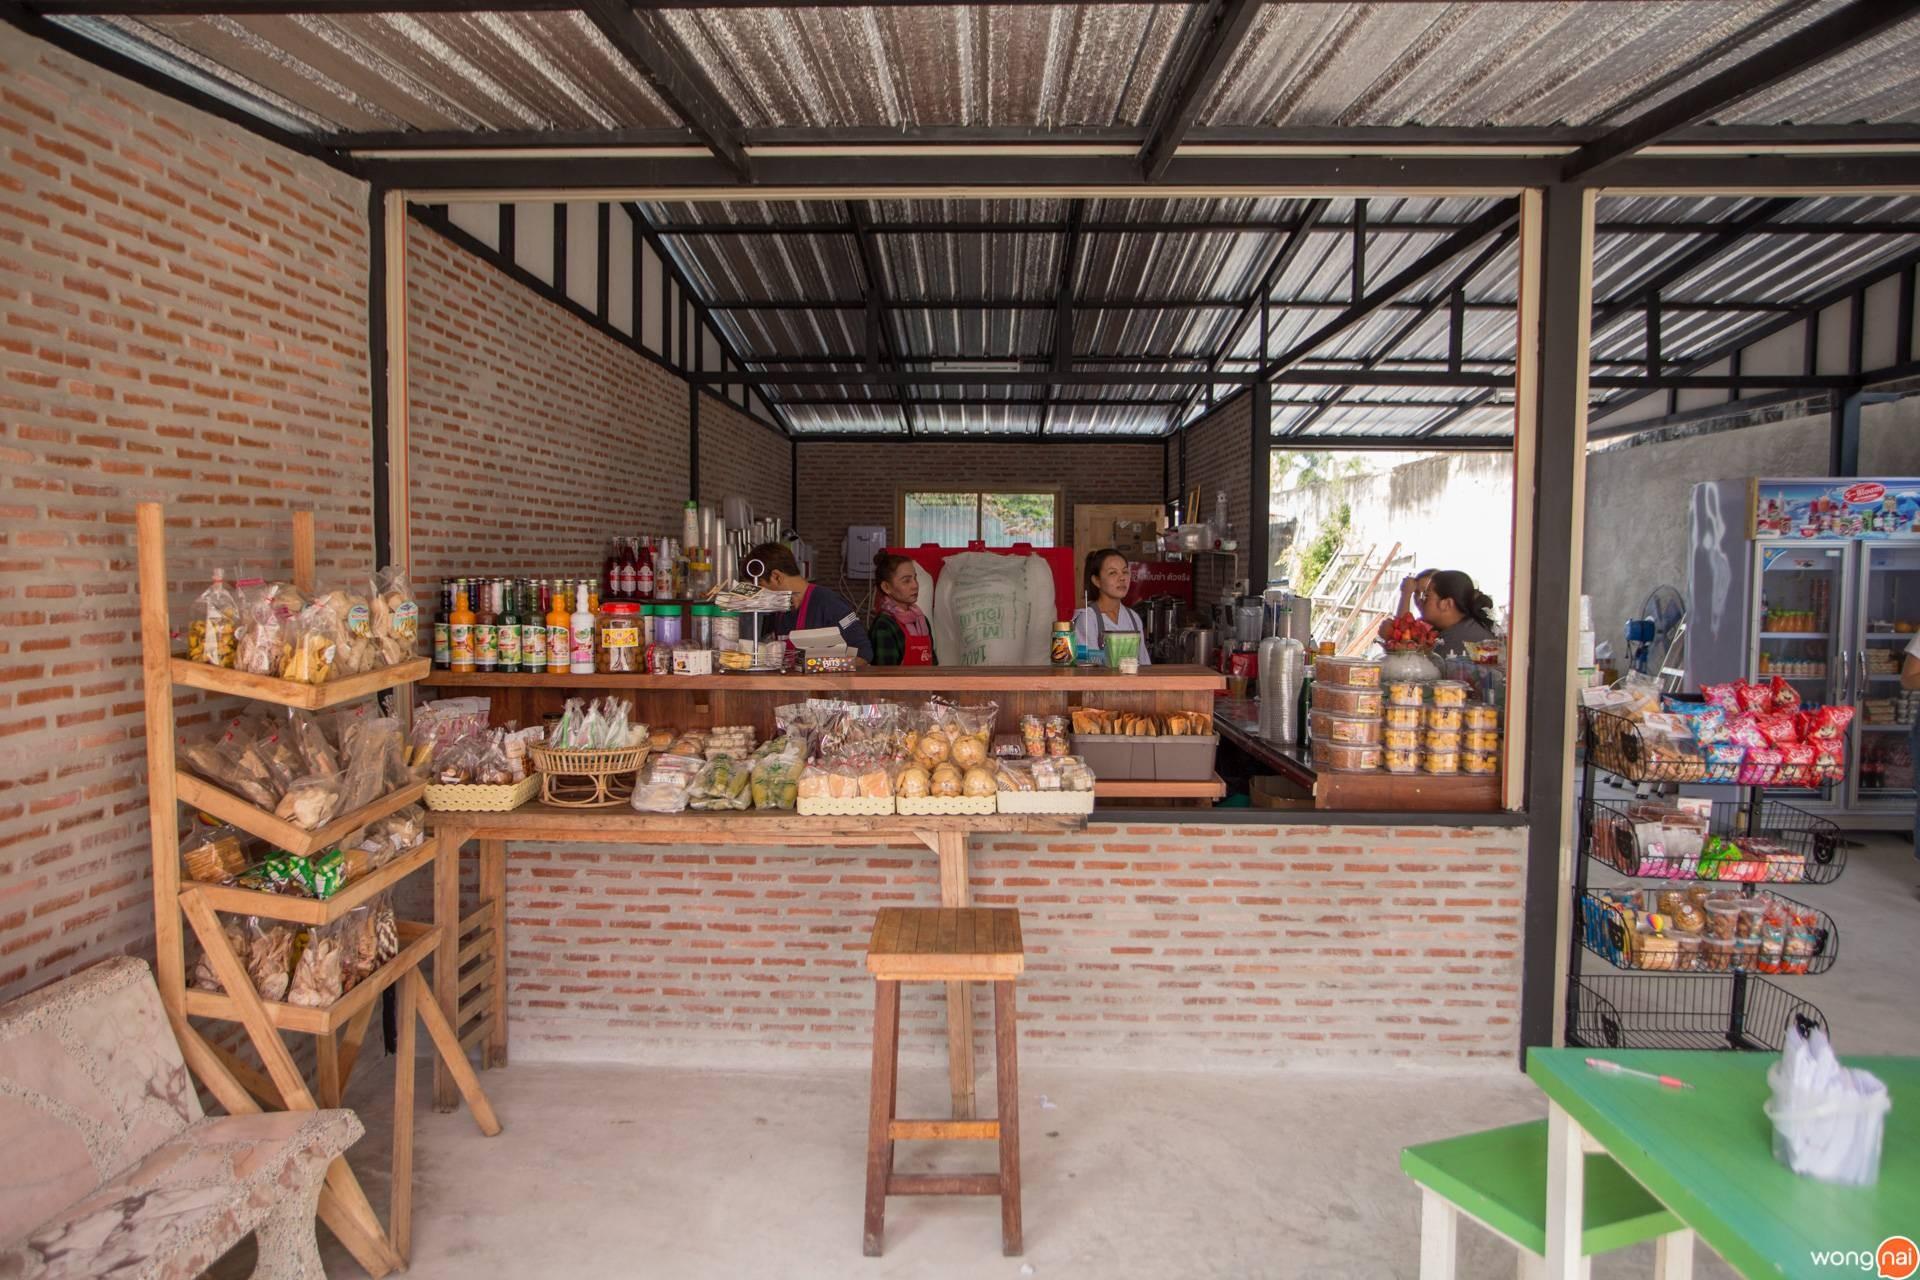 หน้าร้านกาแฟโบราณเขียดเขียว ขอนแก่น